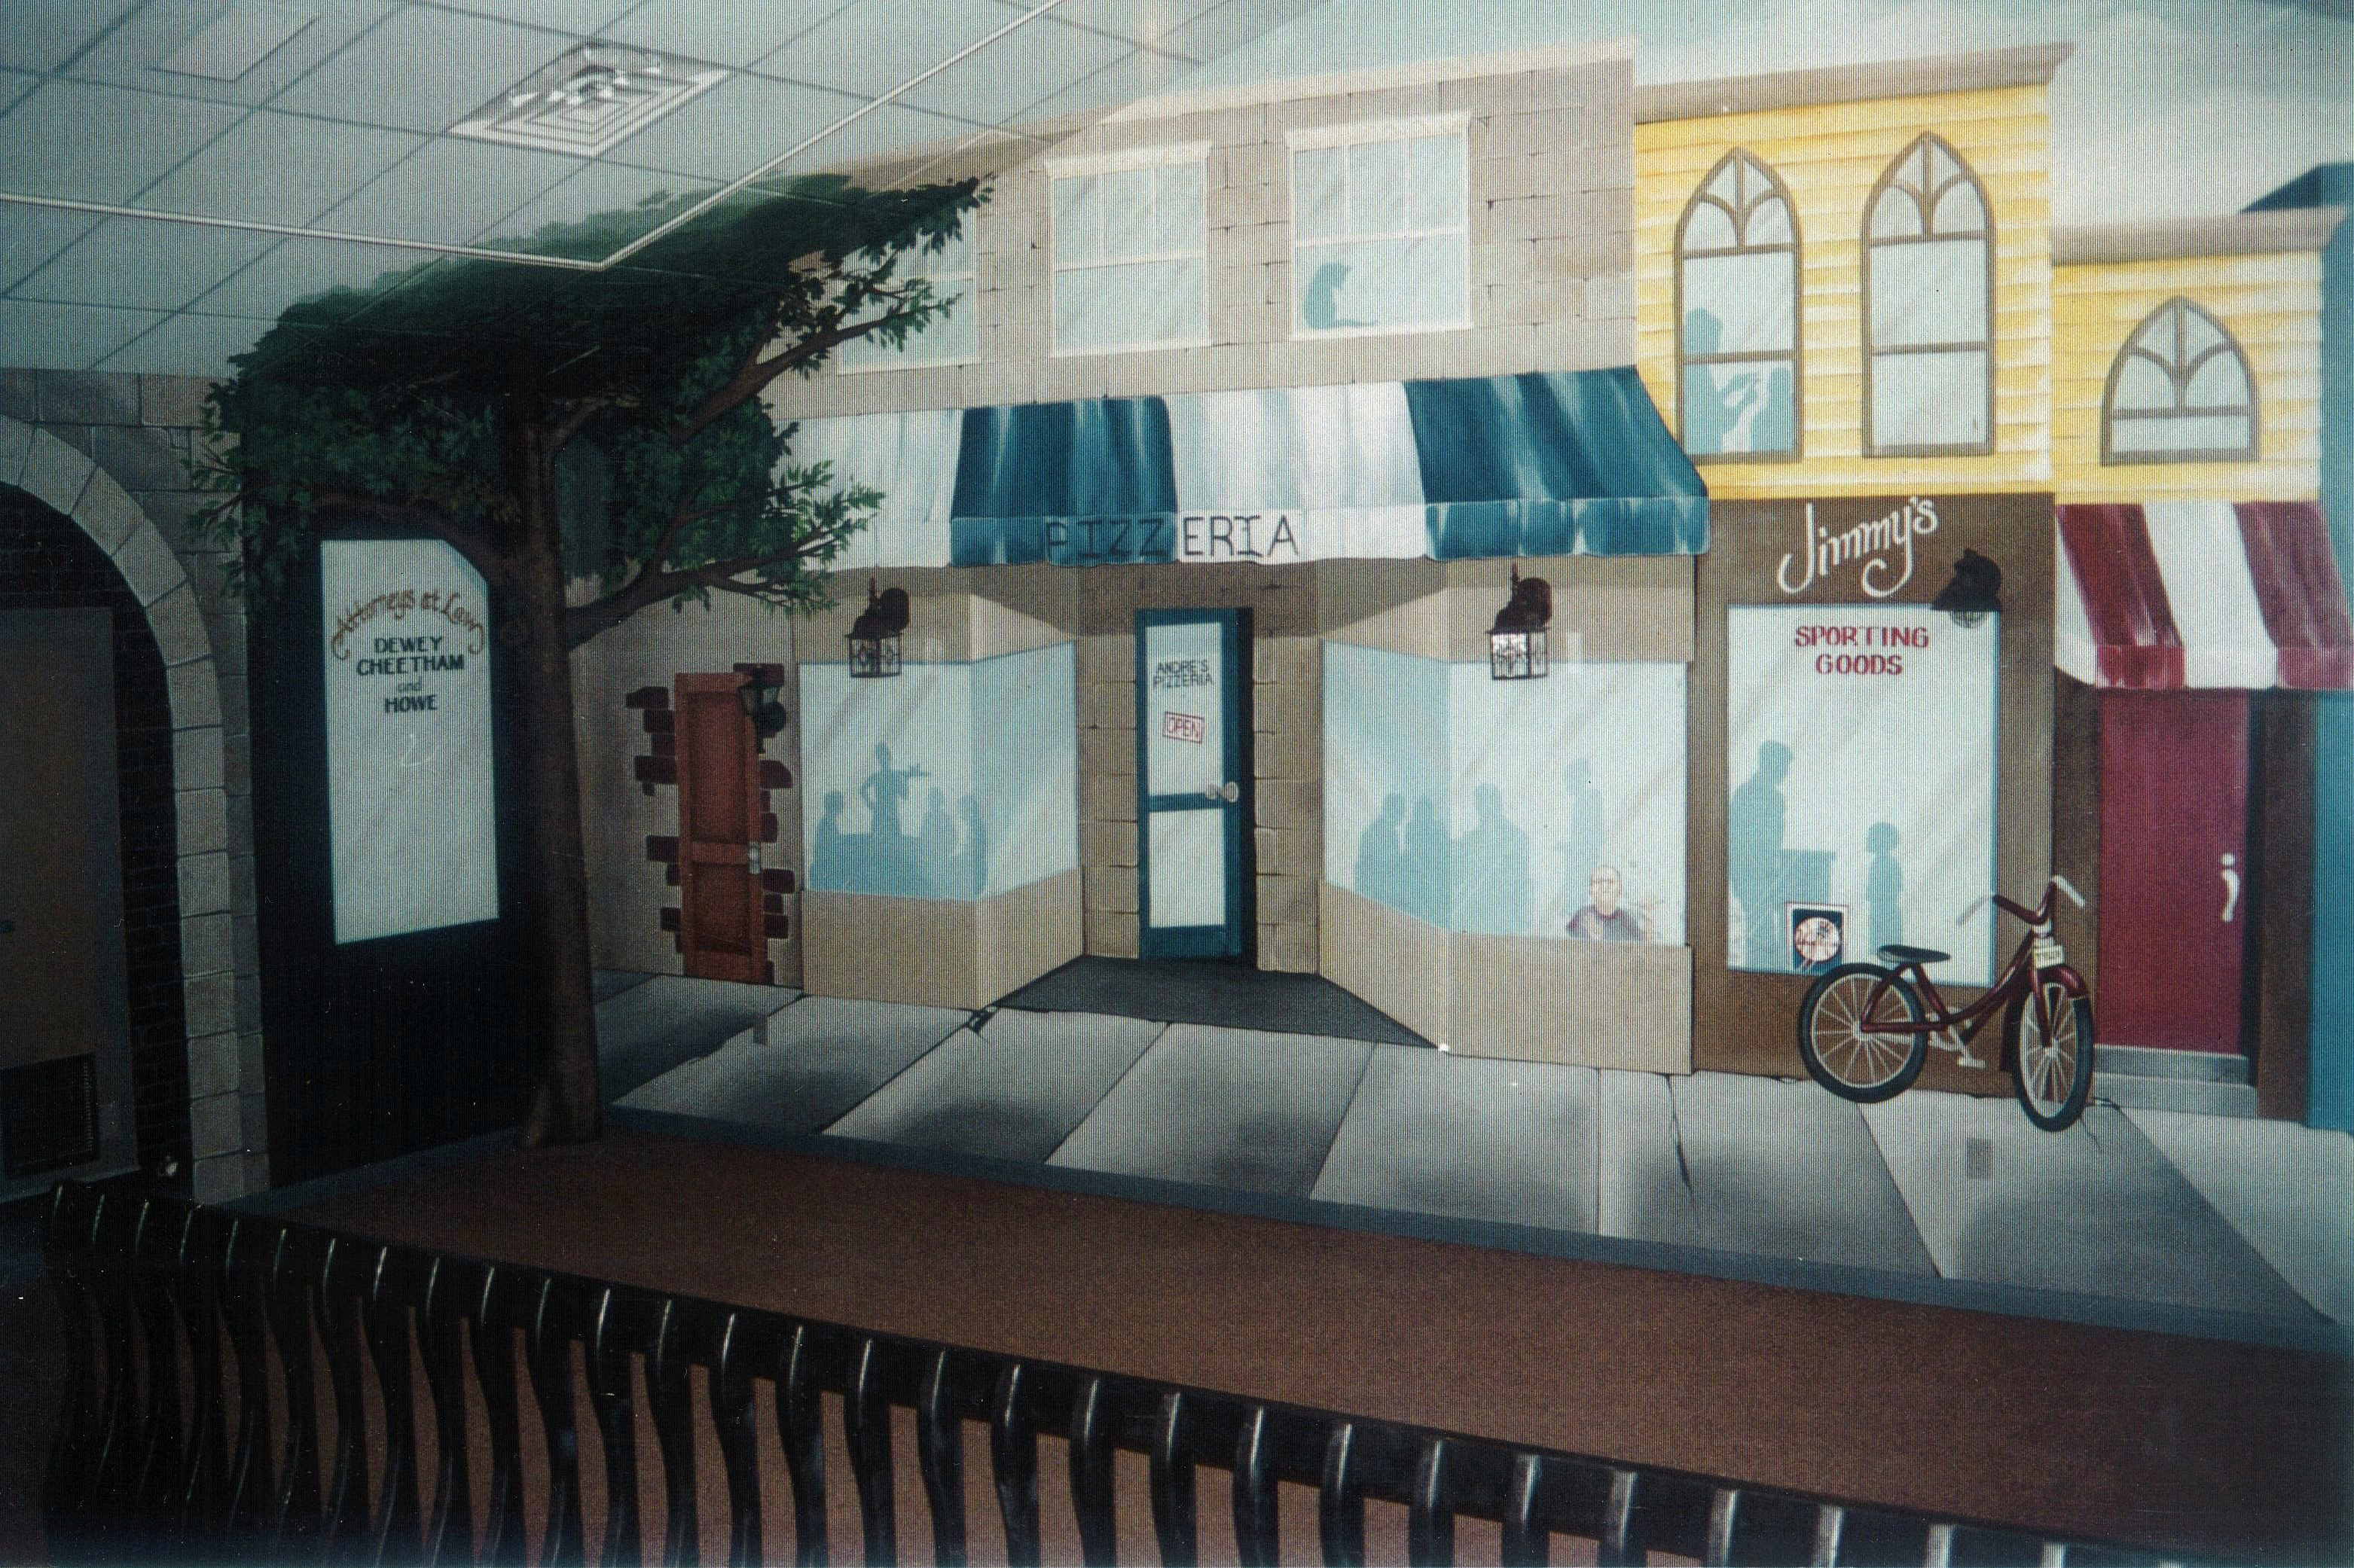 Village storefronts